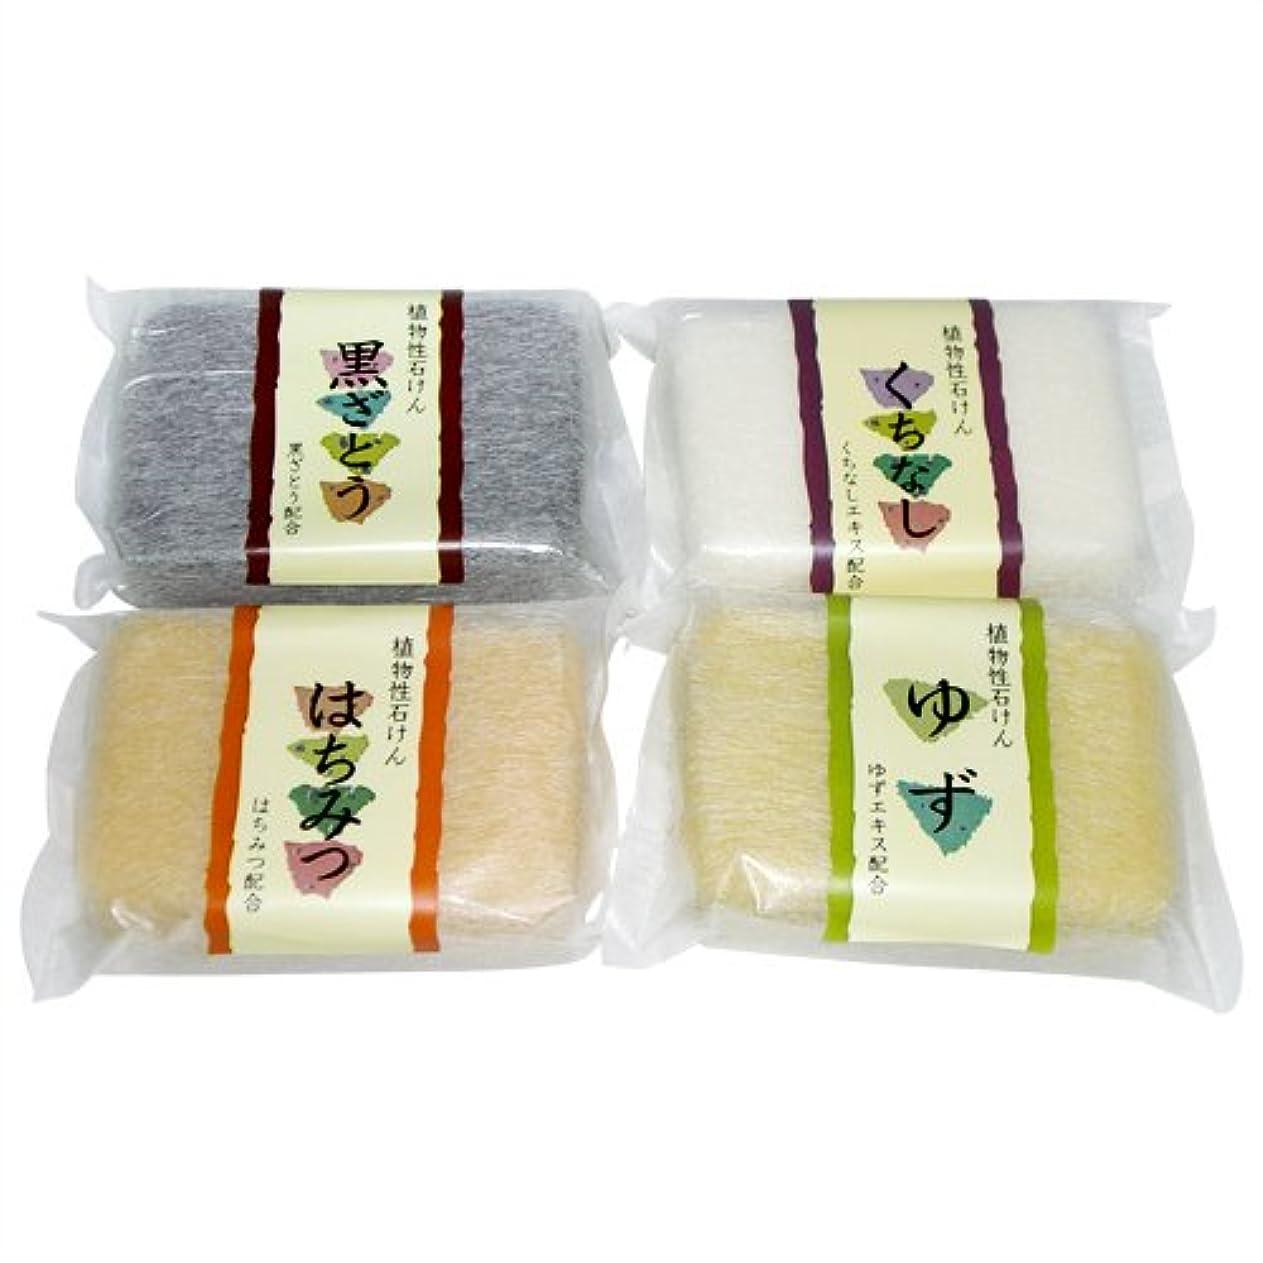 適用済み傑作教会植物性ソープ 自然石けん (80g) 種類おまかせ 2個セット